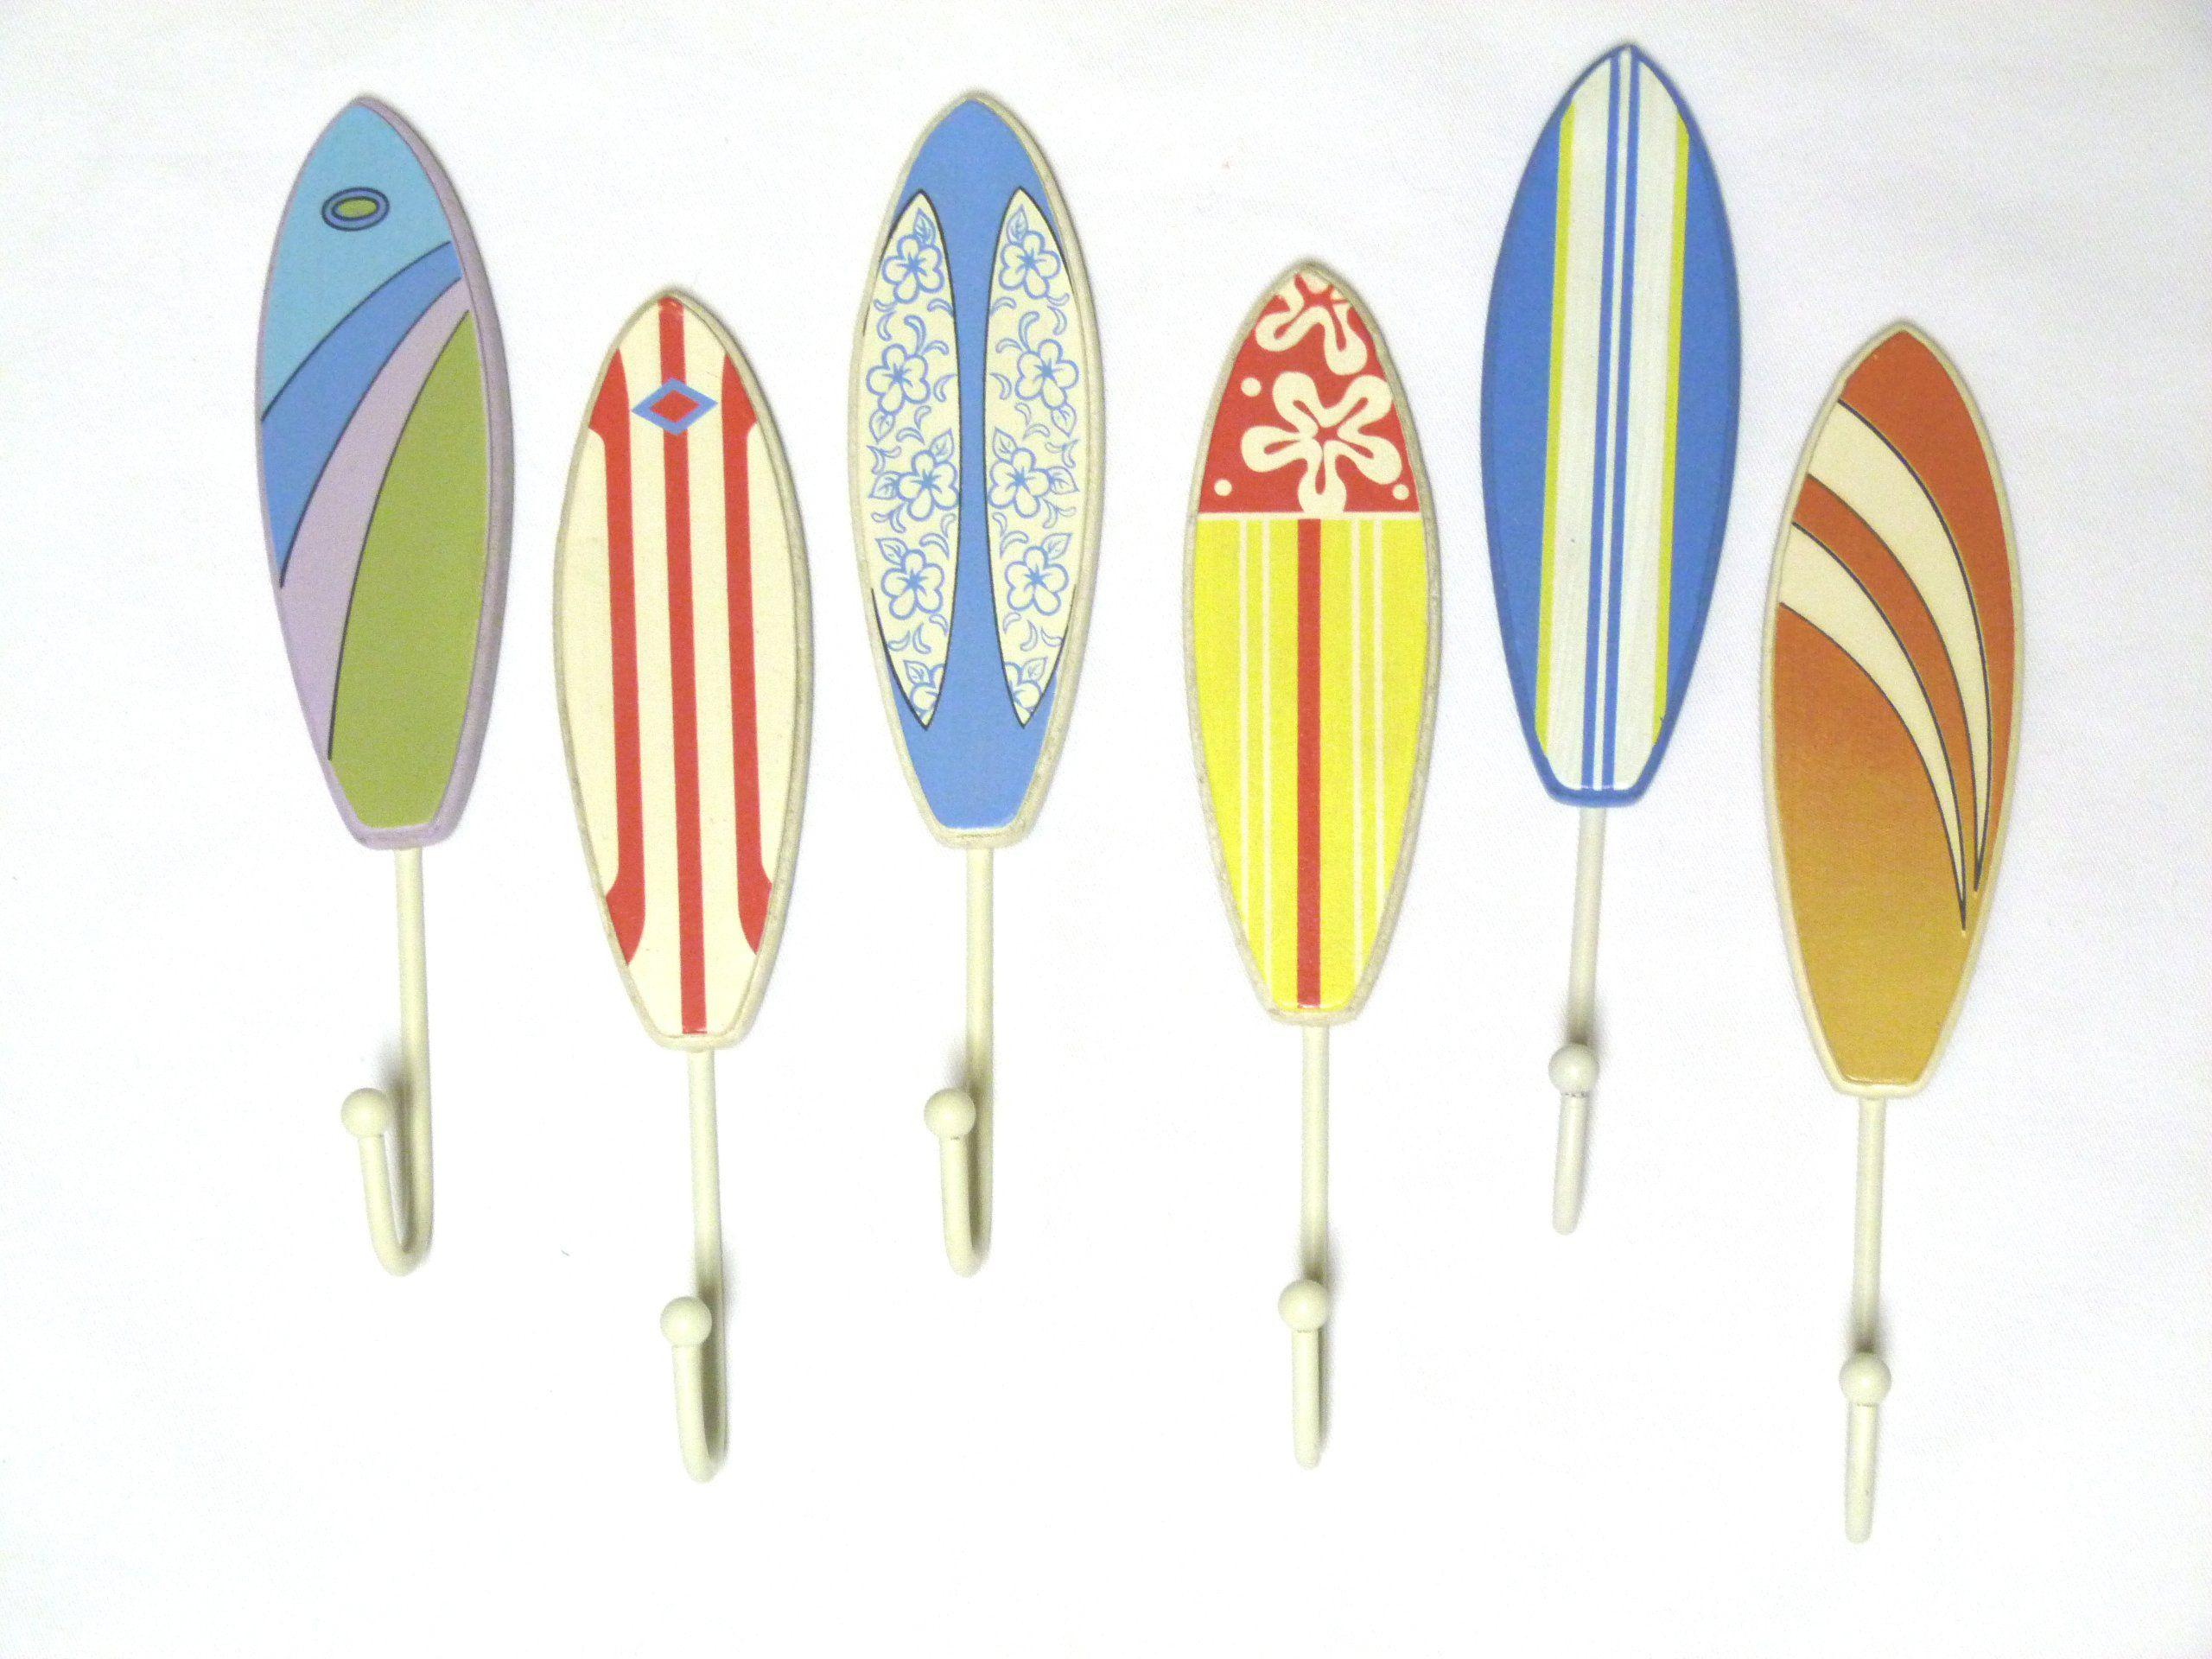 Juego de 6 tablas de surf de madera ganchos for Ganchos para colgar